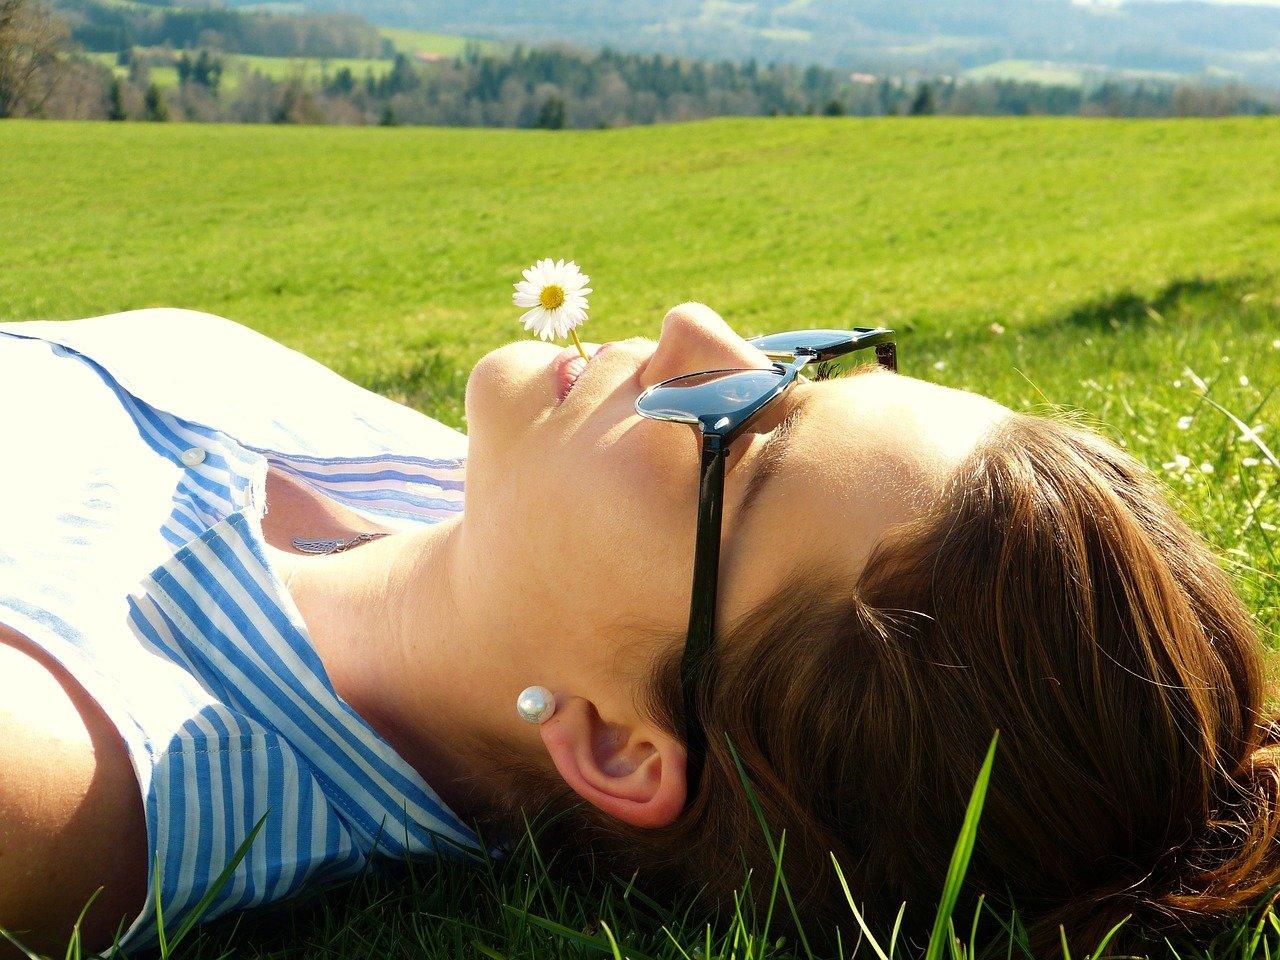 Frau liegt auf Wiese und entspannt